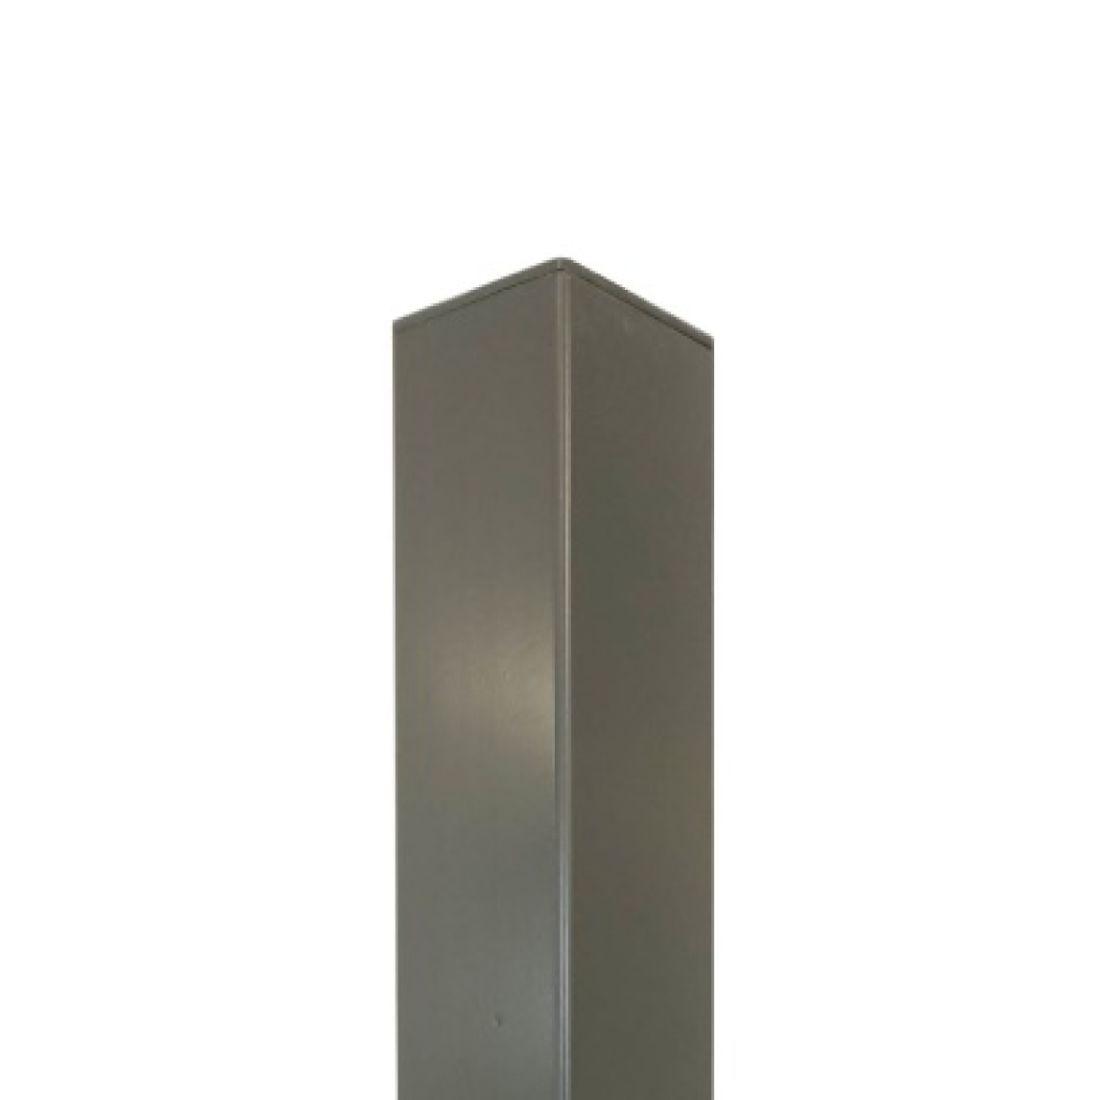 Standard Aluminium Post Grey 1800 x 50 x 50mm ELI-POST-GRY-185050